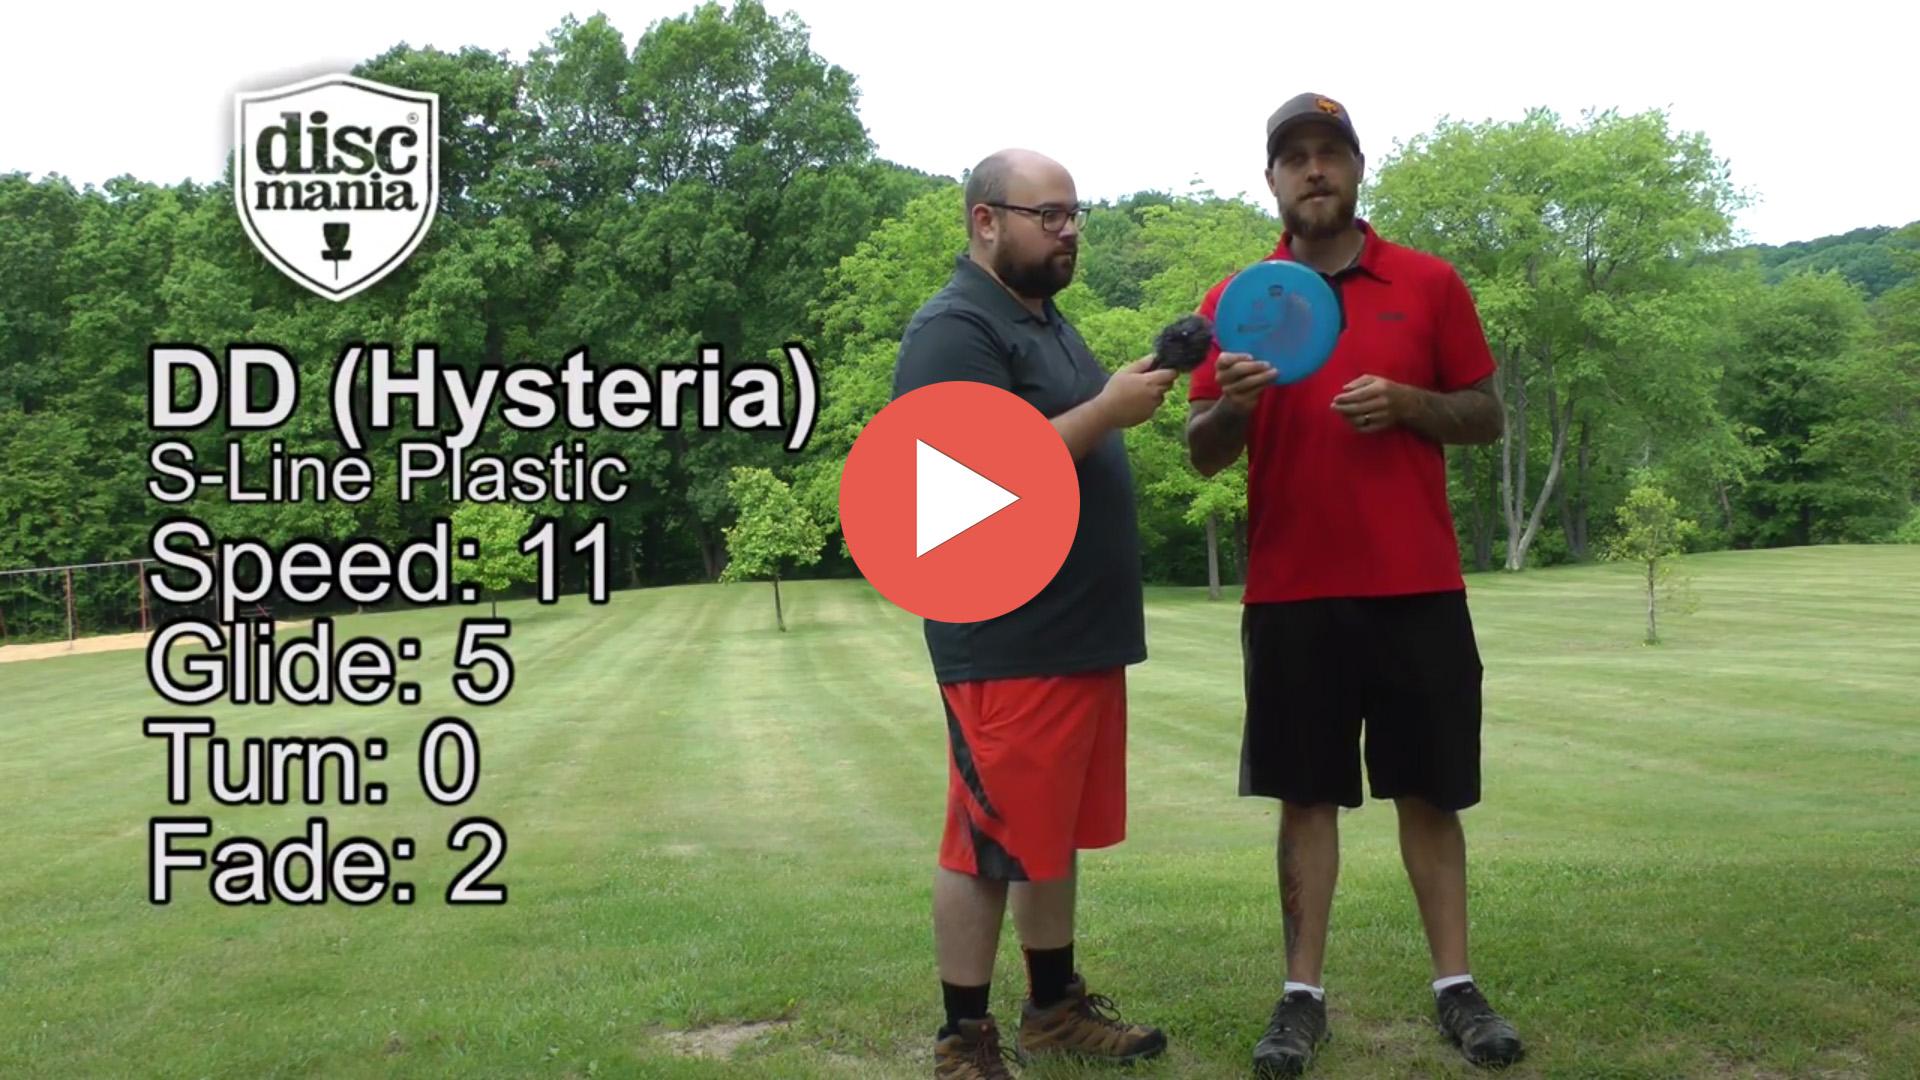 DiscMania DD Hysteria Disc Review